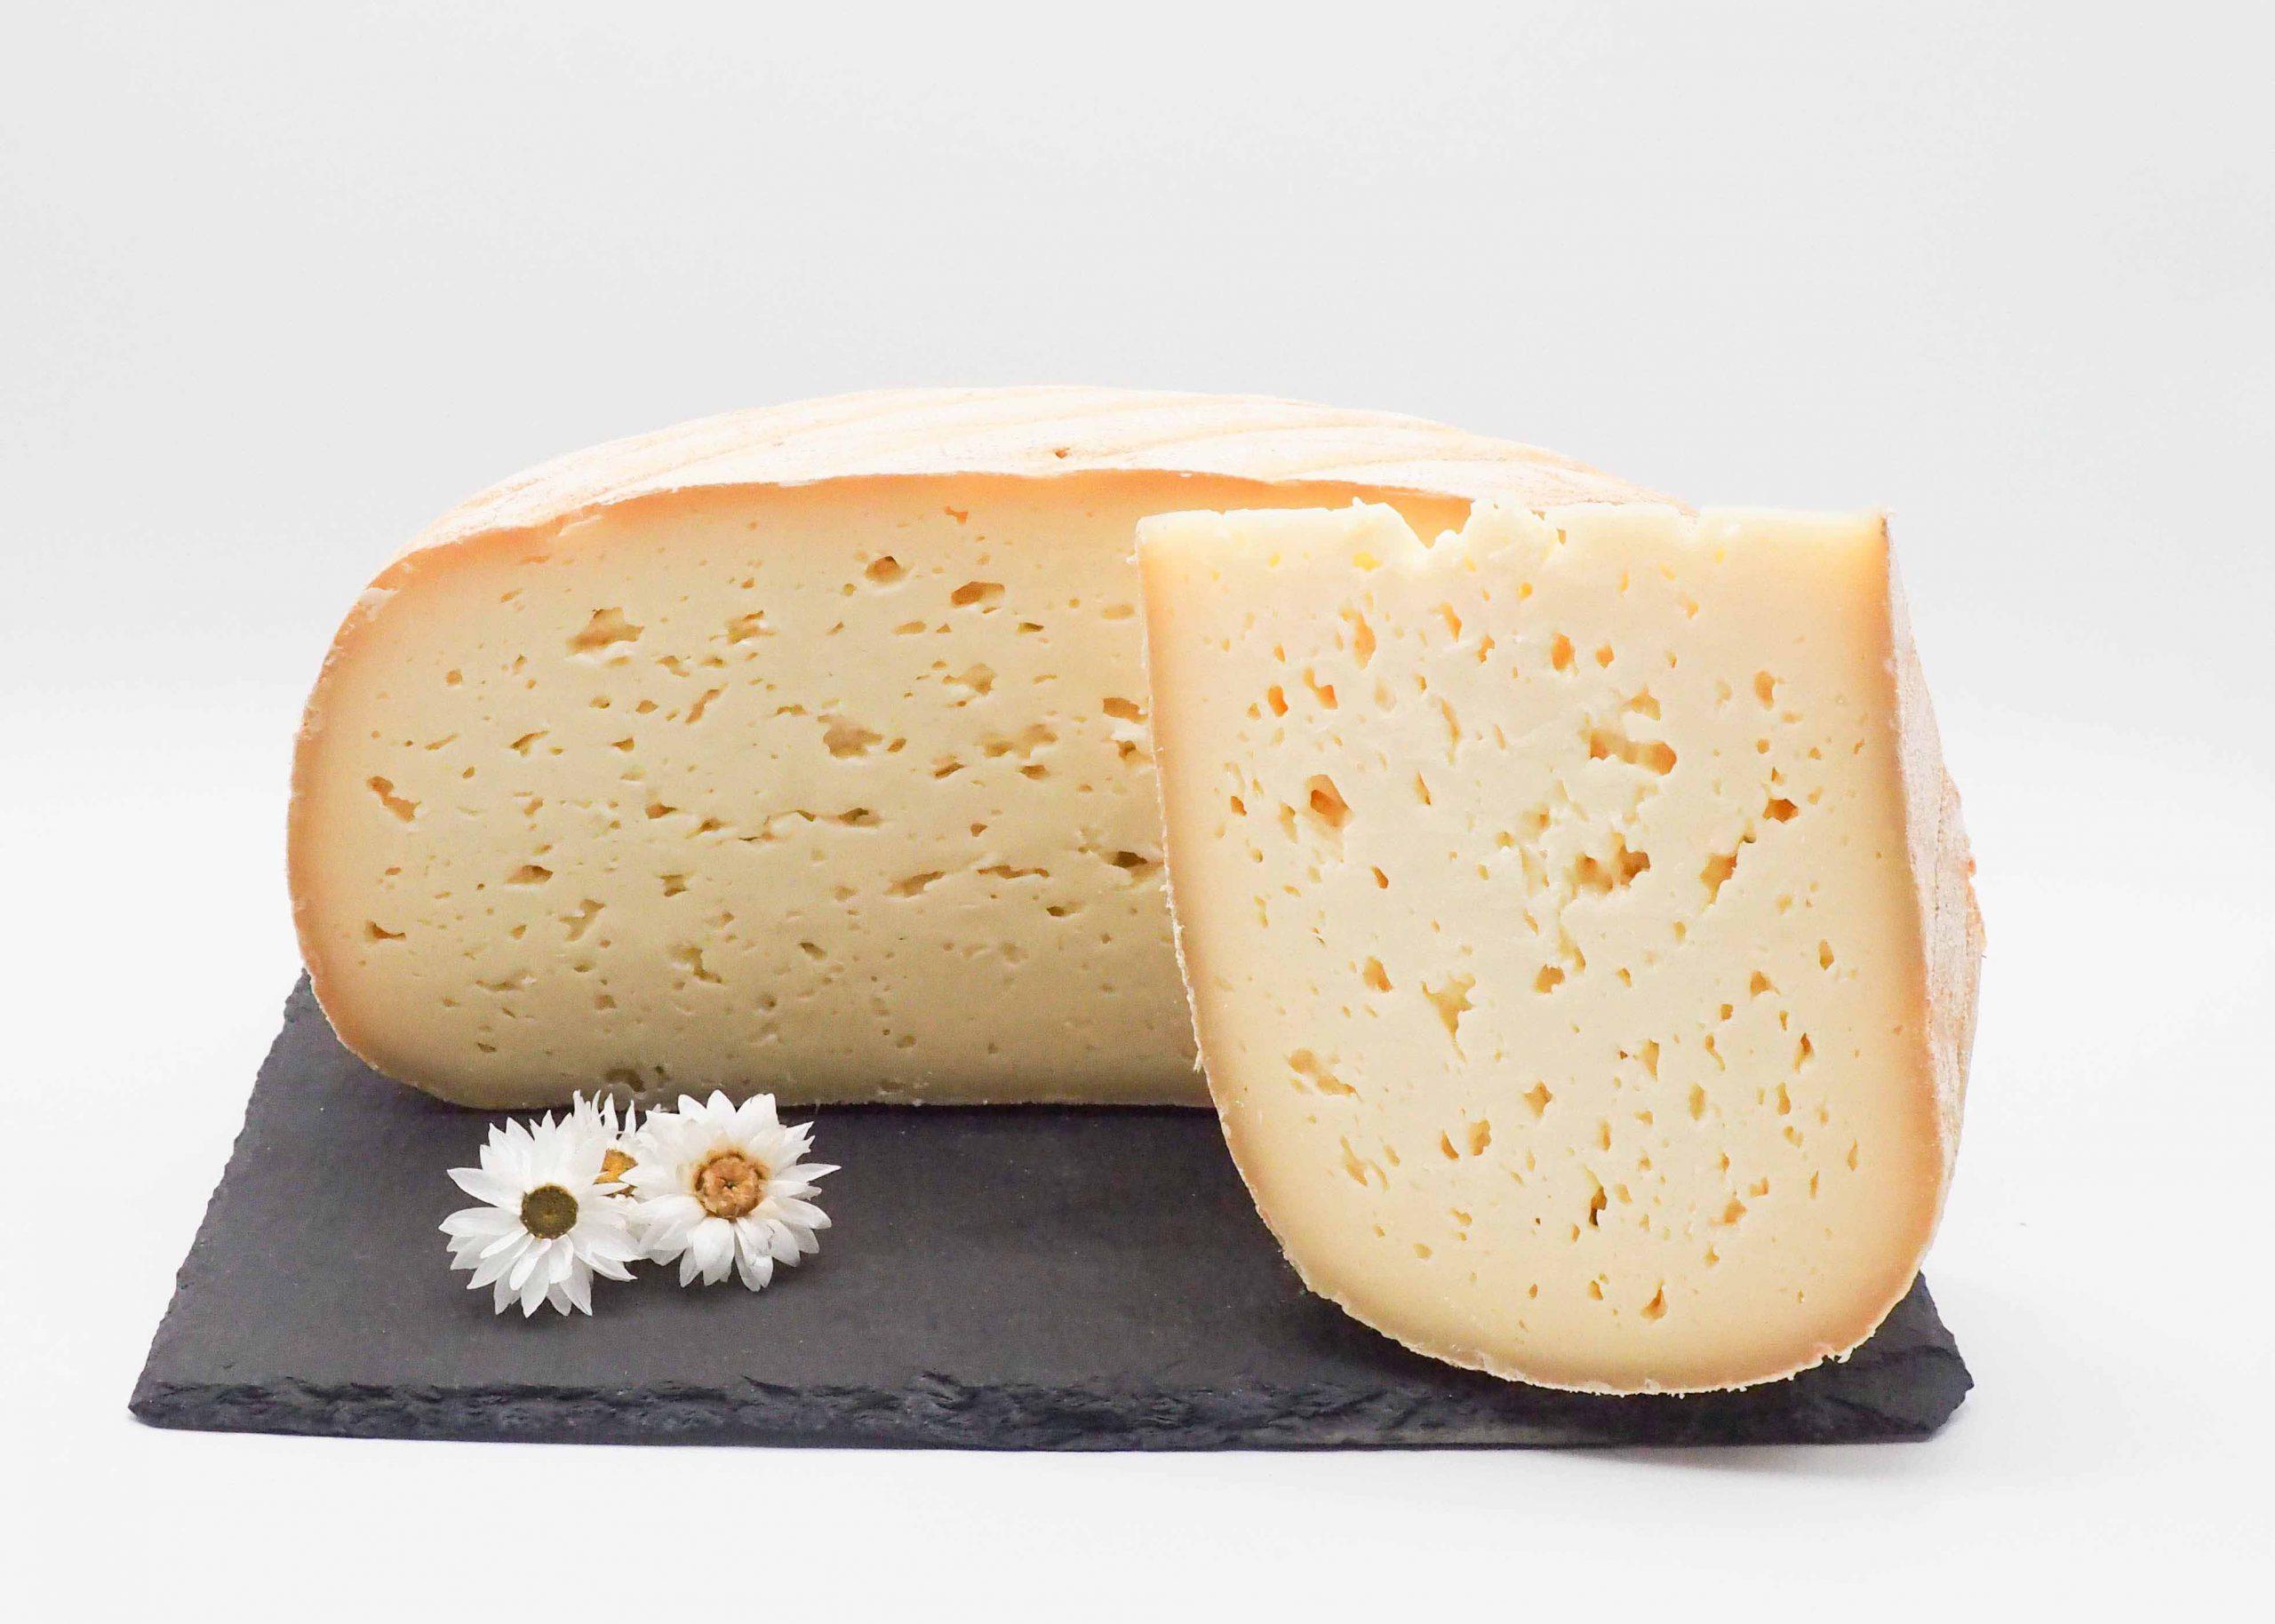 Achetez en ligne du fromage chez Fromage Napoléon. Livraison à domicile sur toute la France fromage le Marguerite